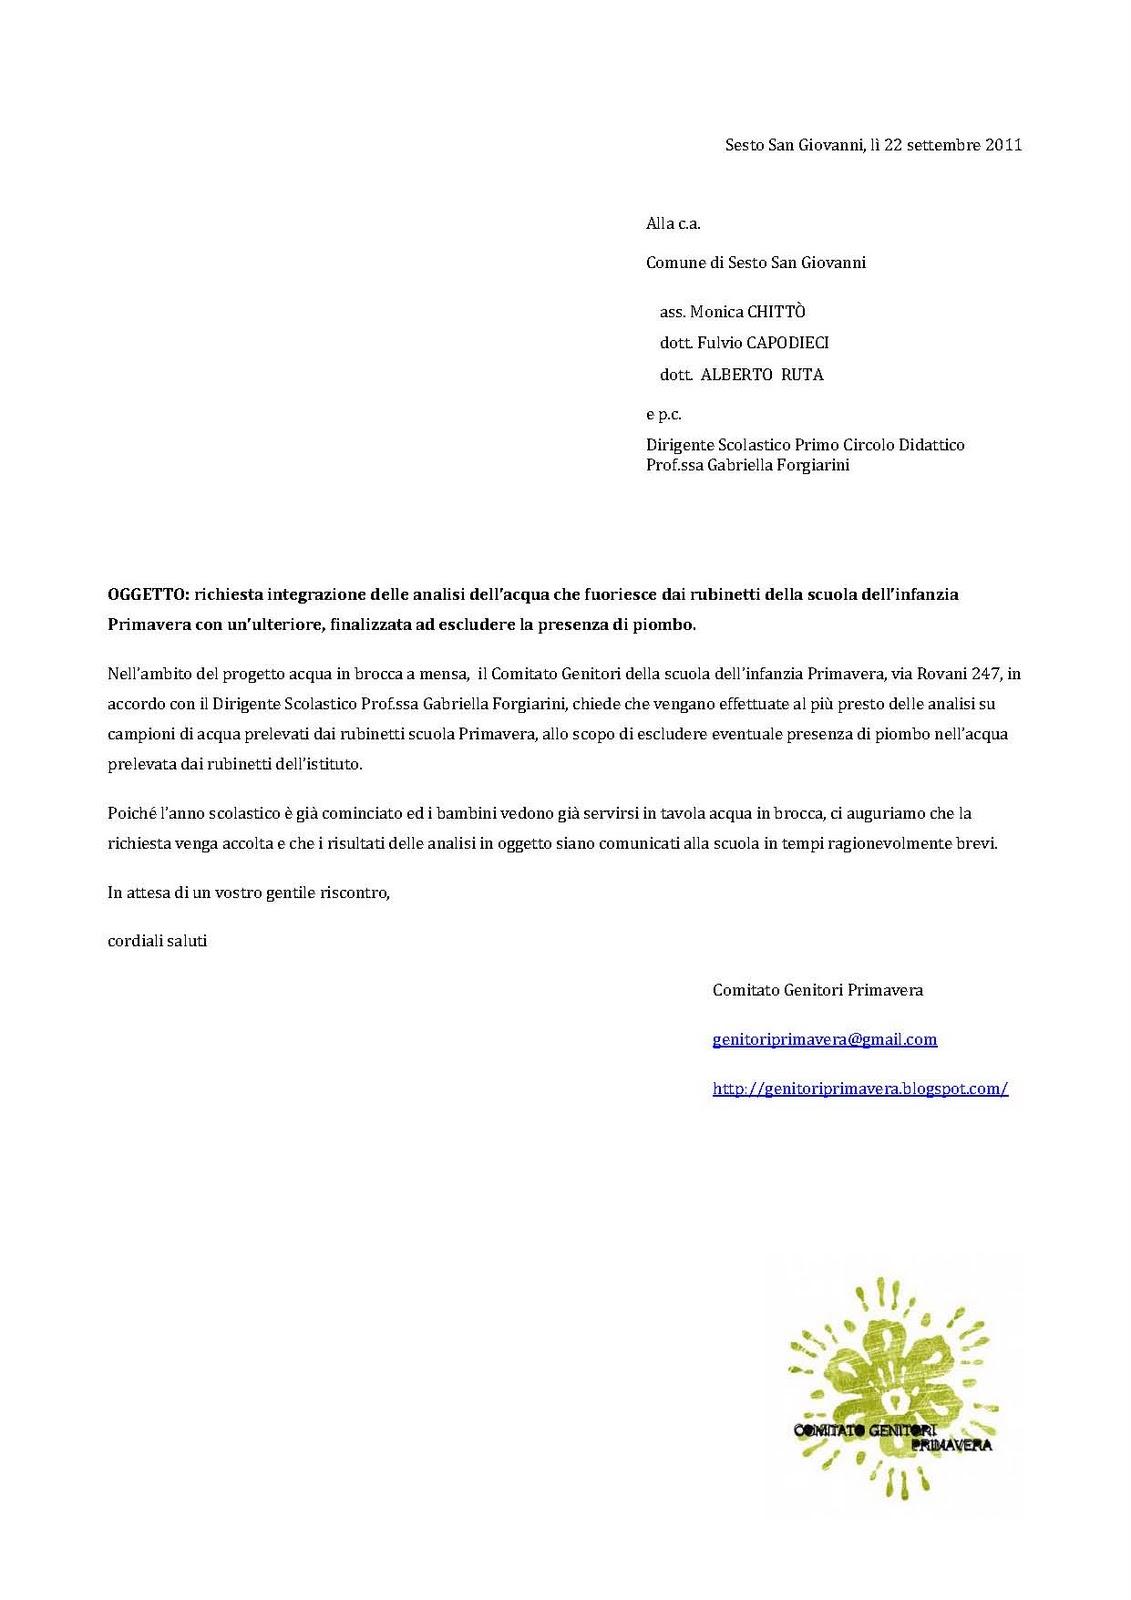 Comitato Genitori Scuola Primavera: Richiesta analisi acqua per escludere piombo